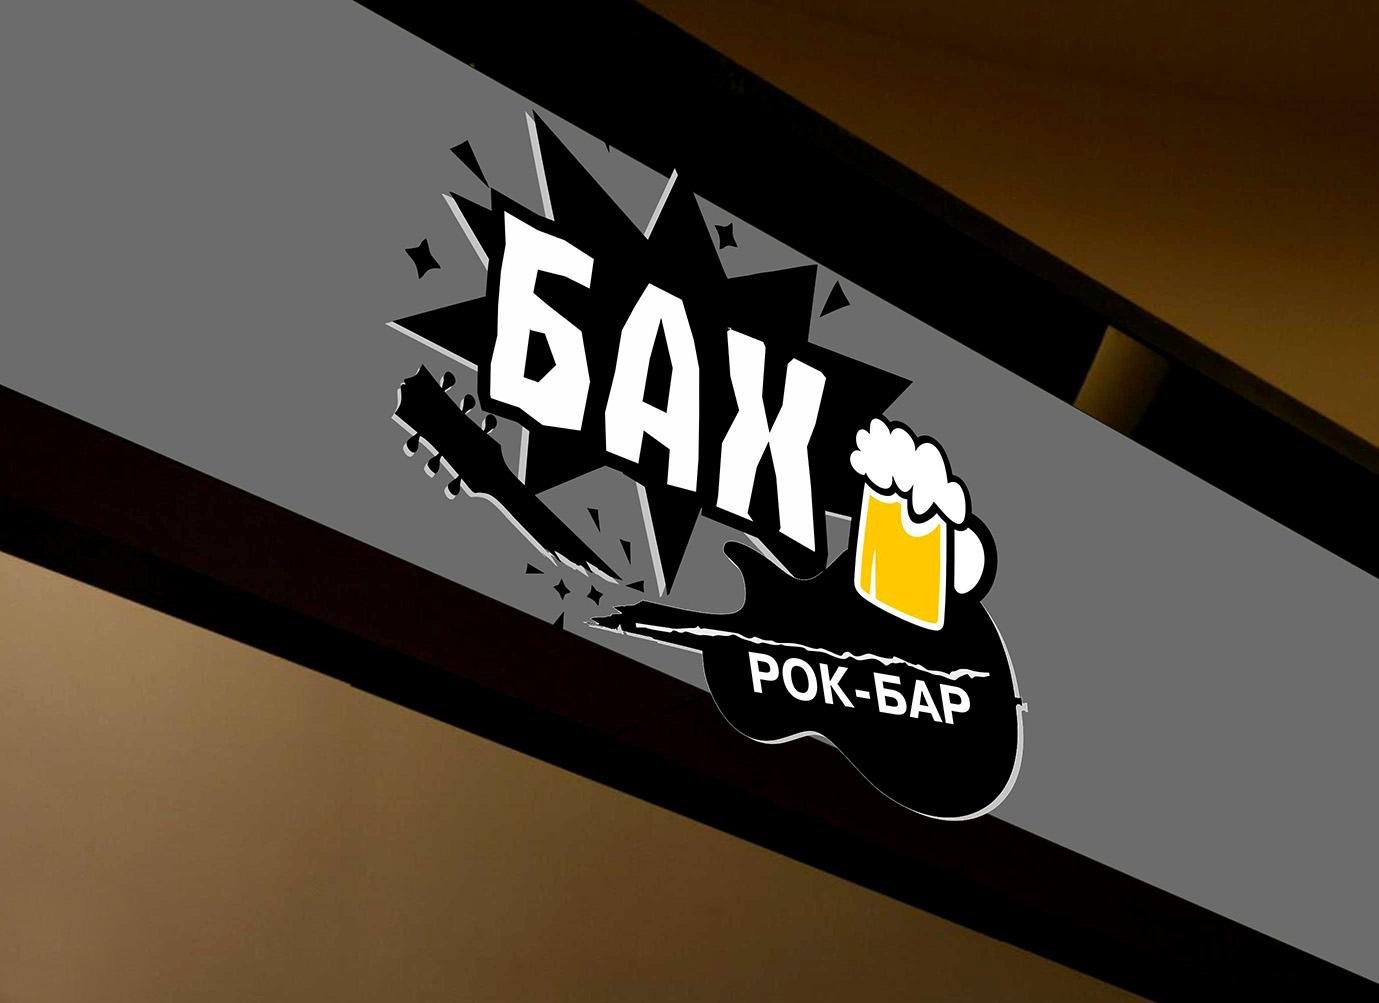 """Разработать логотип и вывеску рок-бару """"Бах"""" фото f_54759b1973ce3322.jpg"""